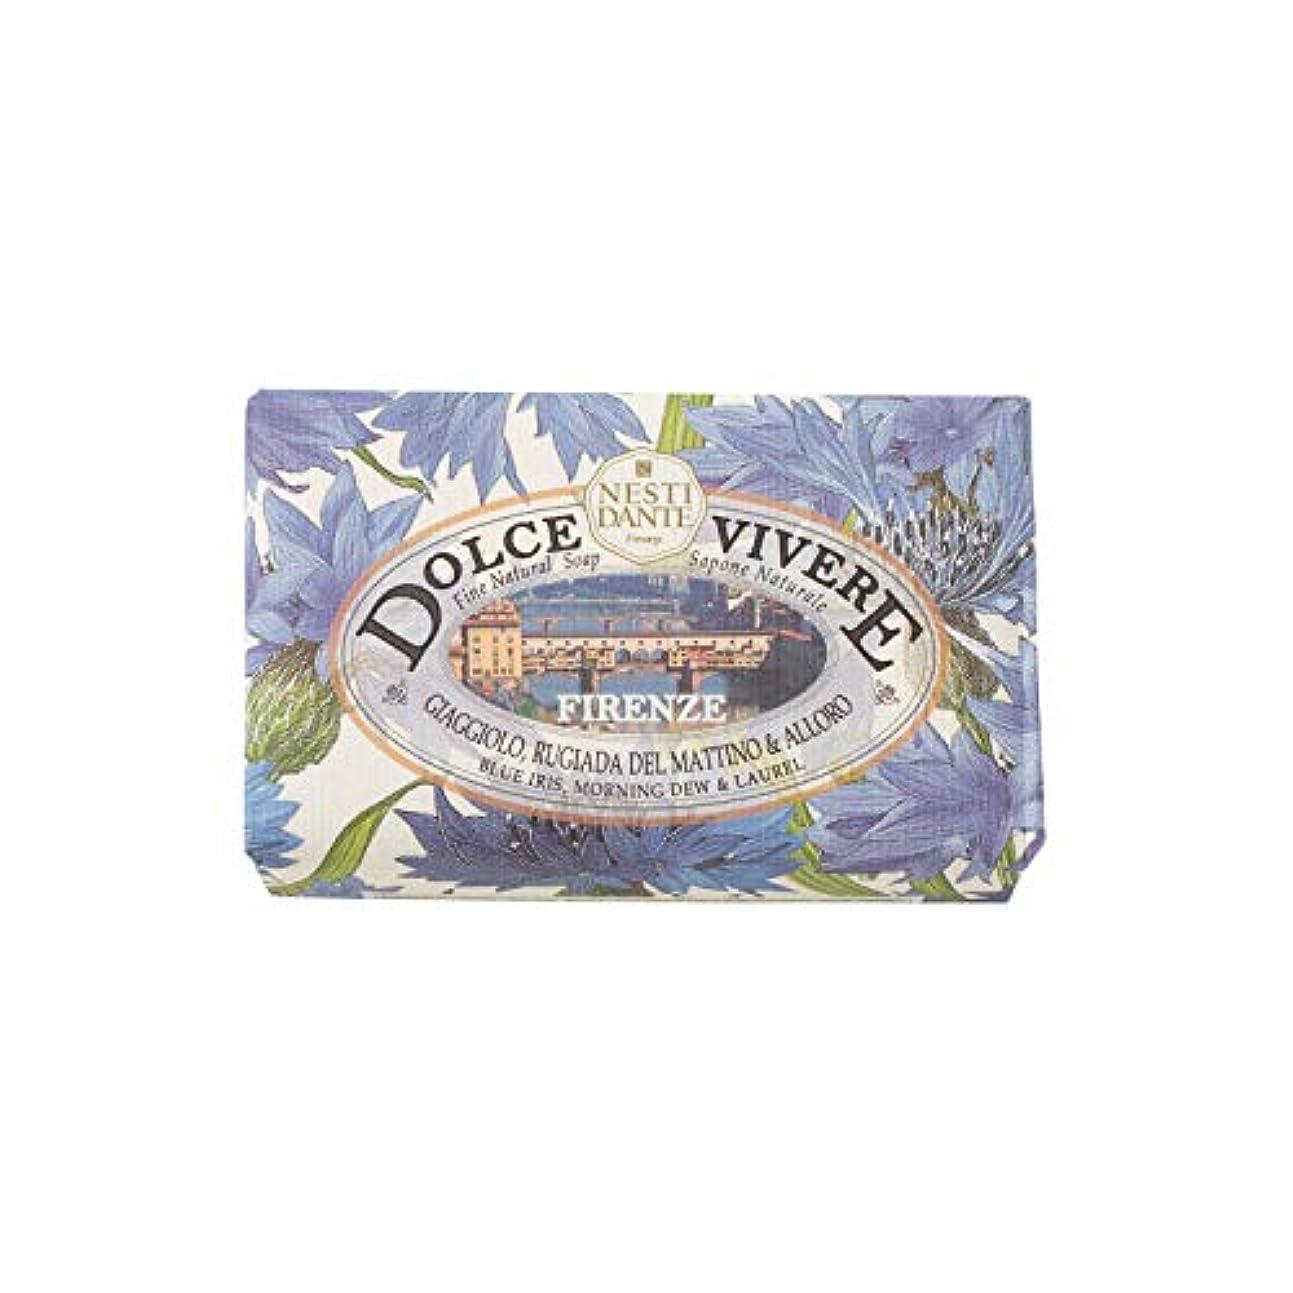 シガレット百科事典重要なNesti Dante ネスティダンテ ドルチェヴィーベレソープ フィレンツェ 150g